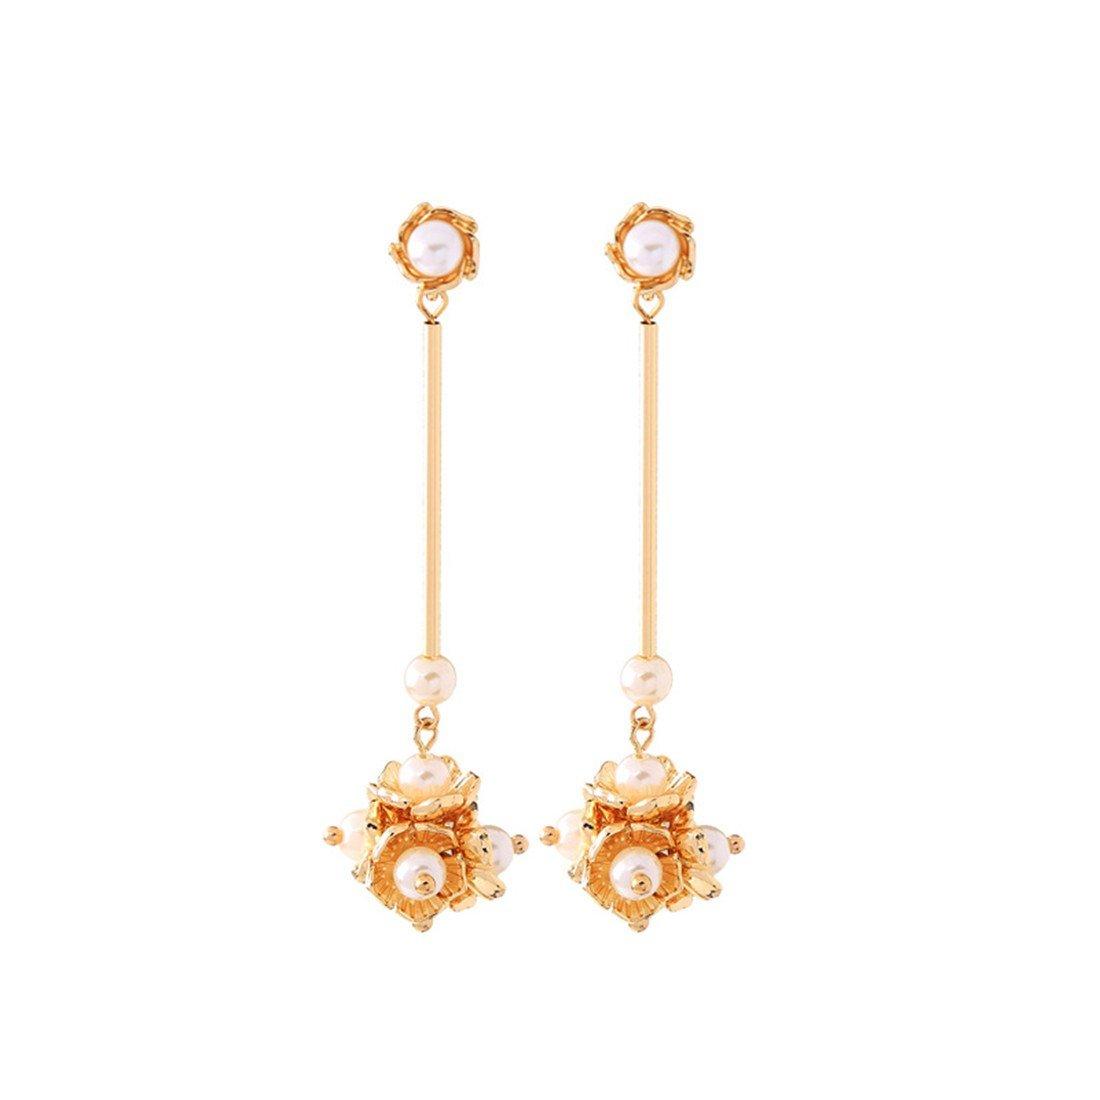 handmade earrings long gowns pearl ball earrings|clip on earrings|ear cuffs|dangle earrings|earring jackets|hoop earrings|stud earrings|European and American flowers